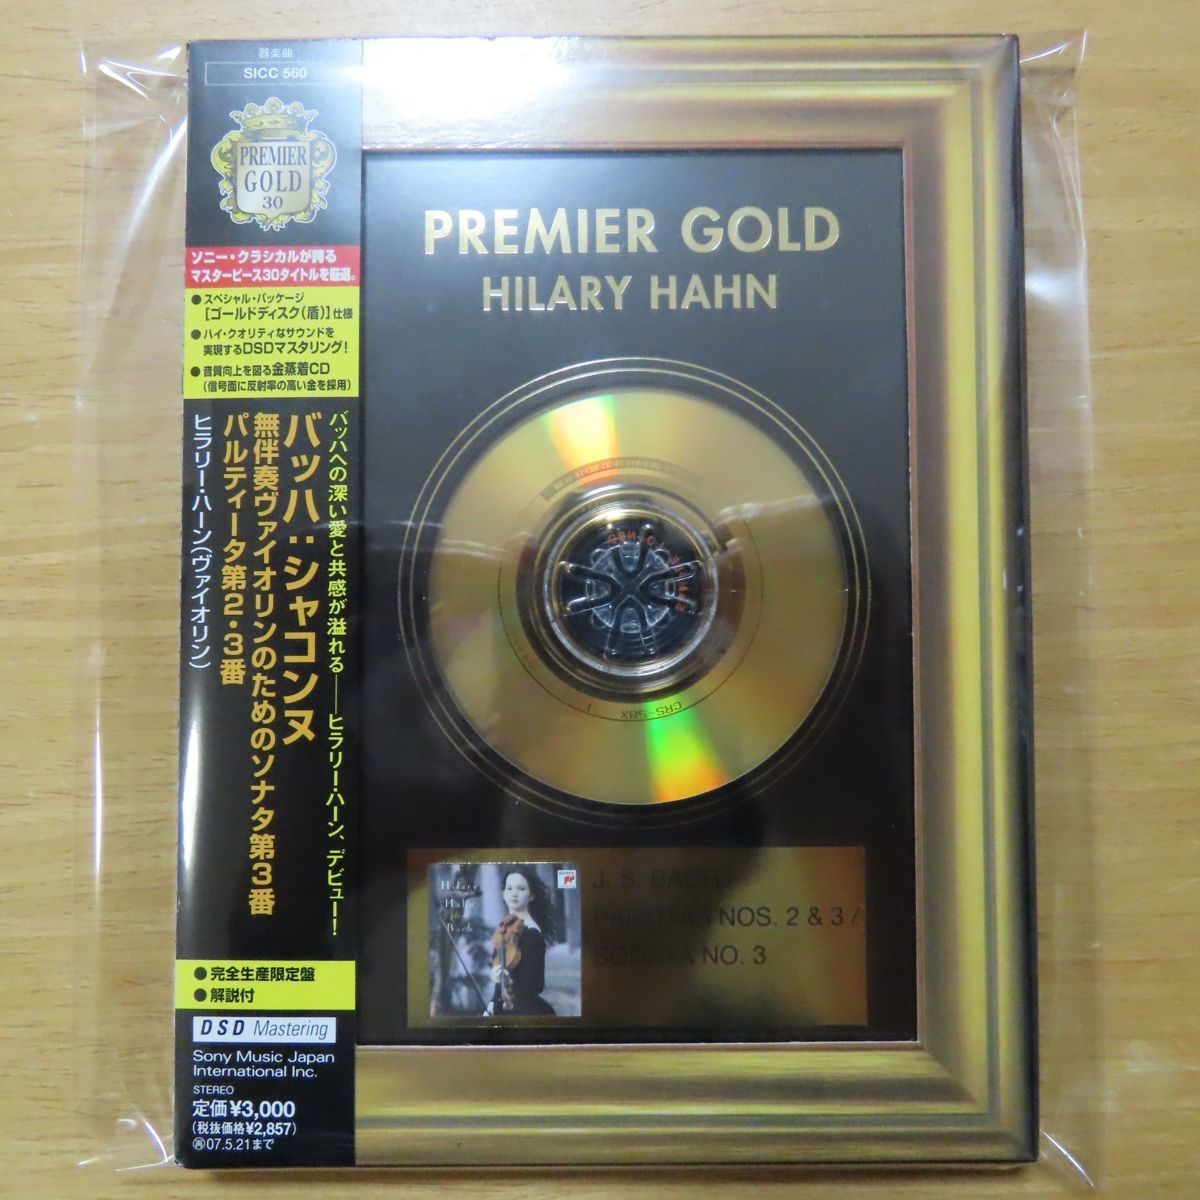 4547366027778;【ゴールドCD/完全生産限定盤】ハーン / バッハ:シャコンヌ 限定版